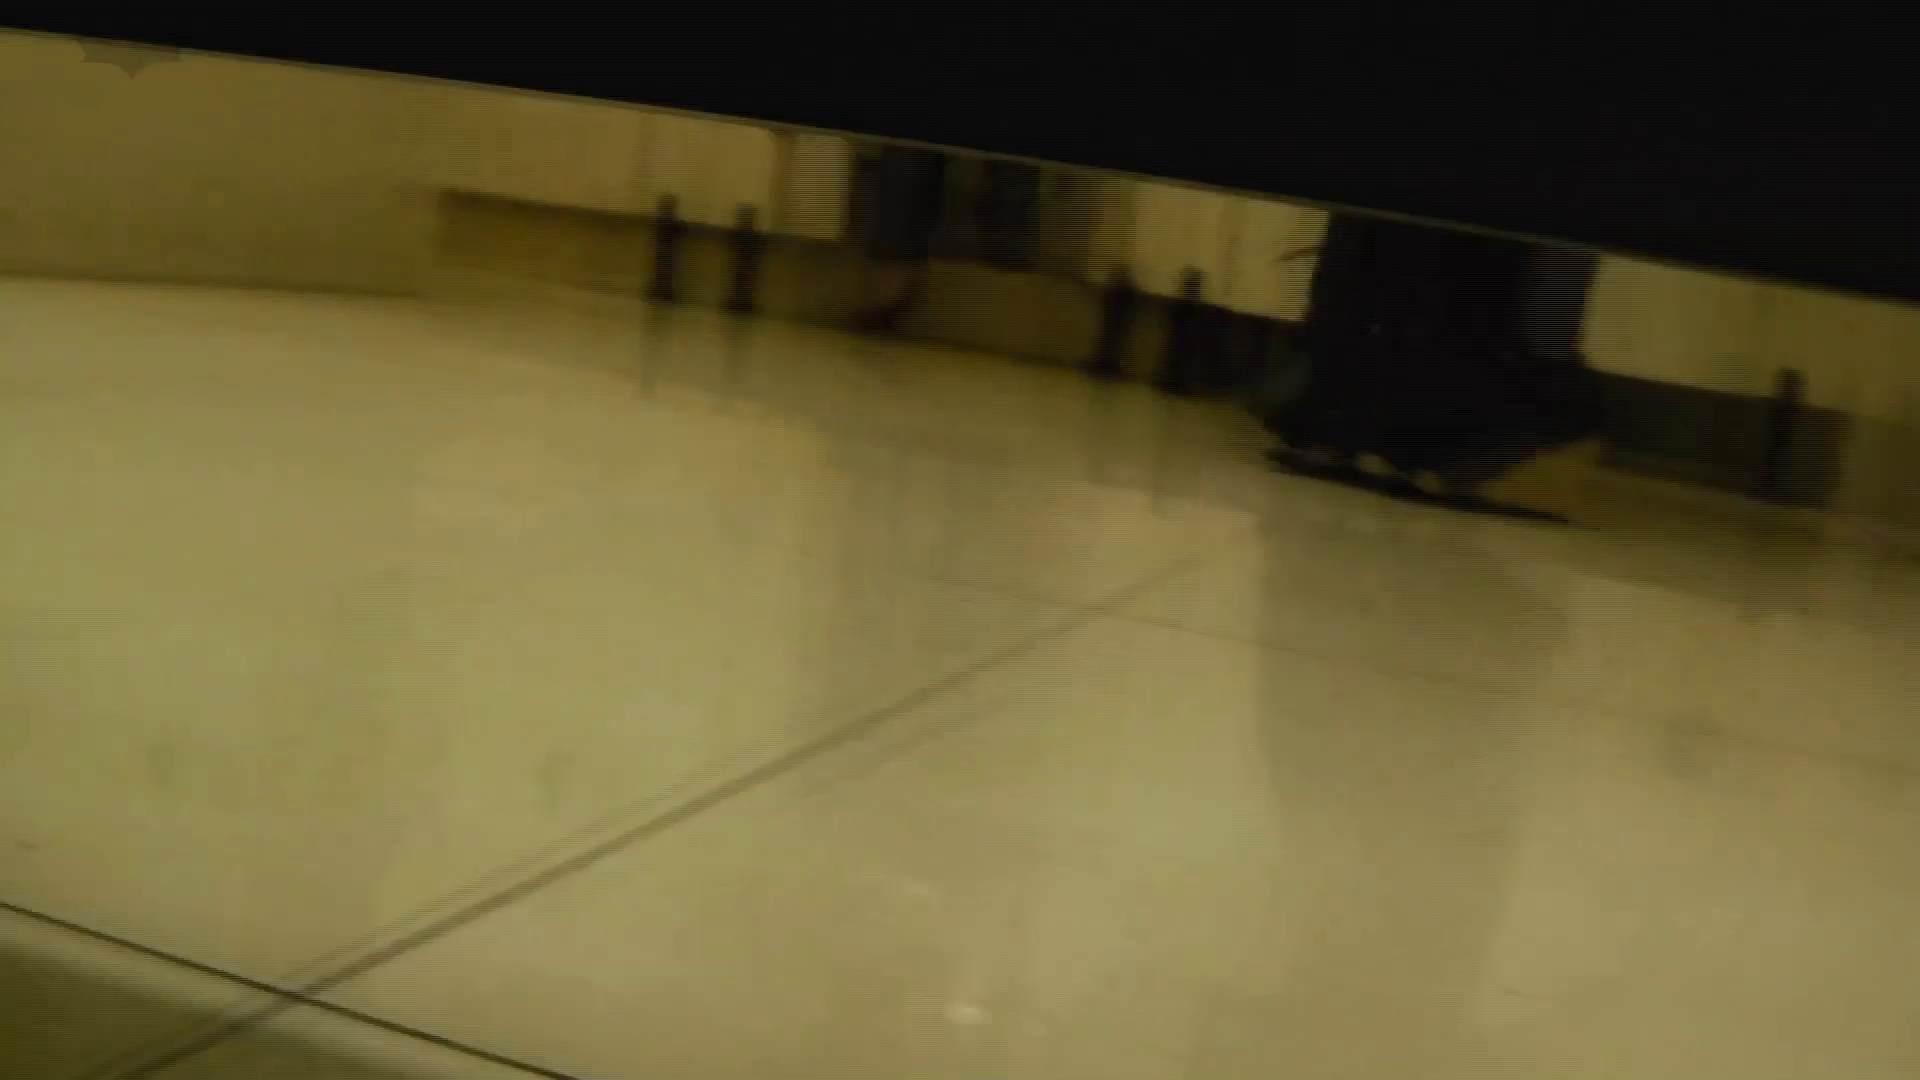 新世界の射窓 No78 トリンドル 玲奈似登場シリーズ美女率最高作! お姉さんのSEX  112枚 108